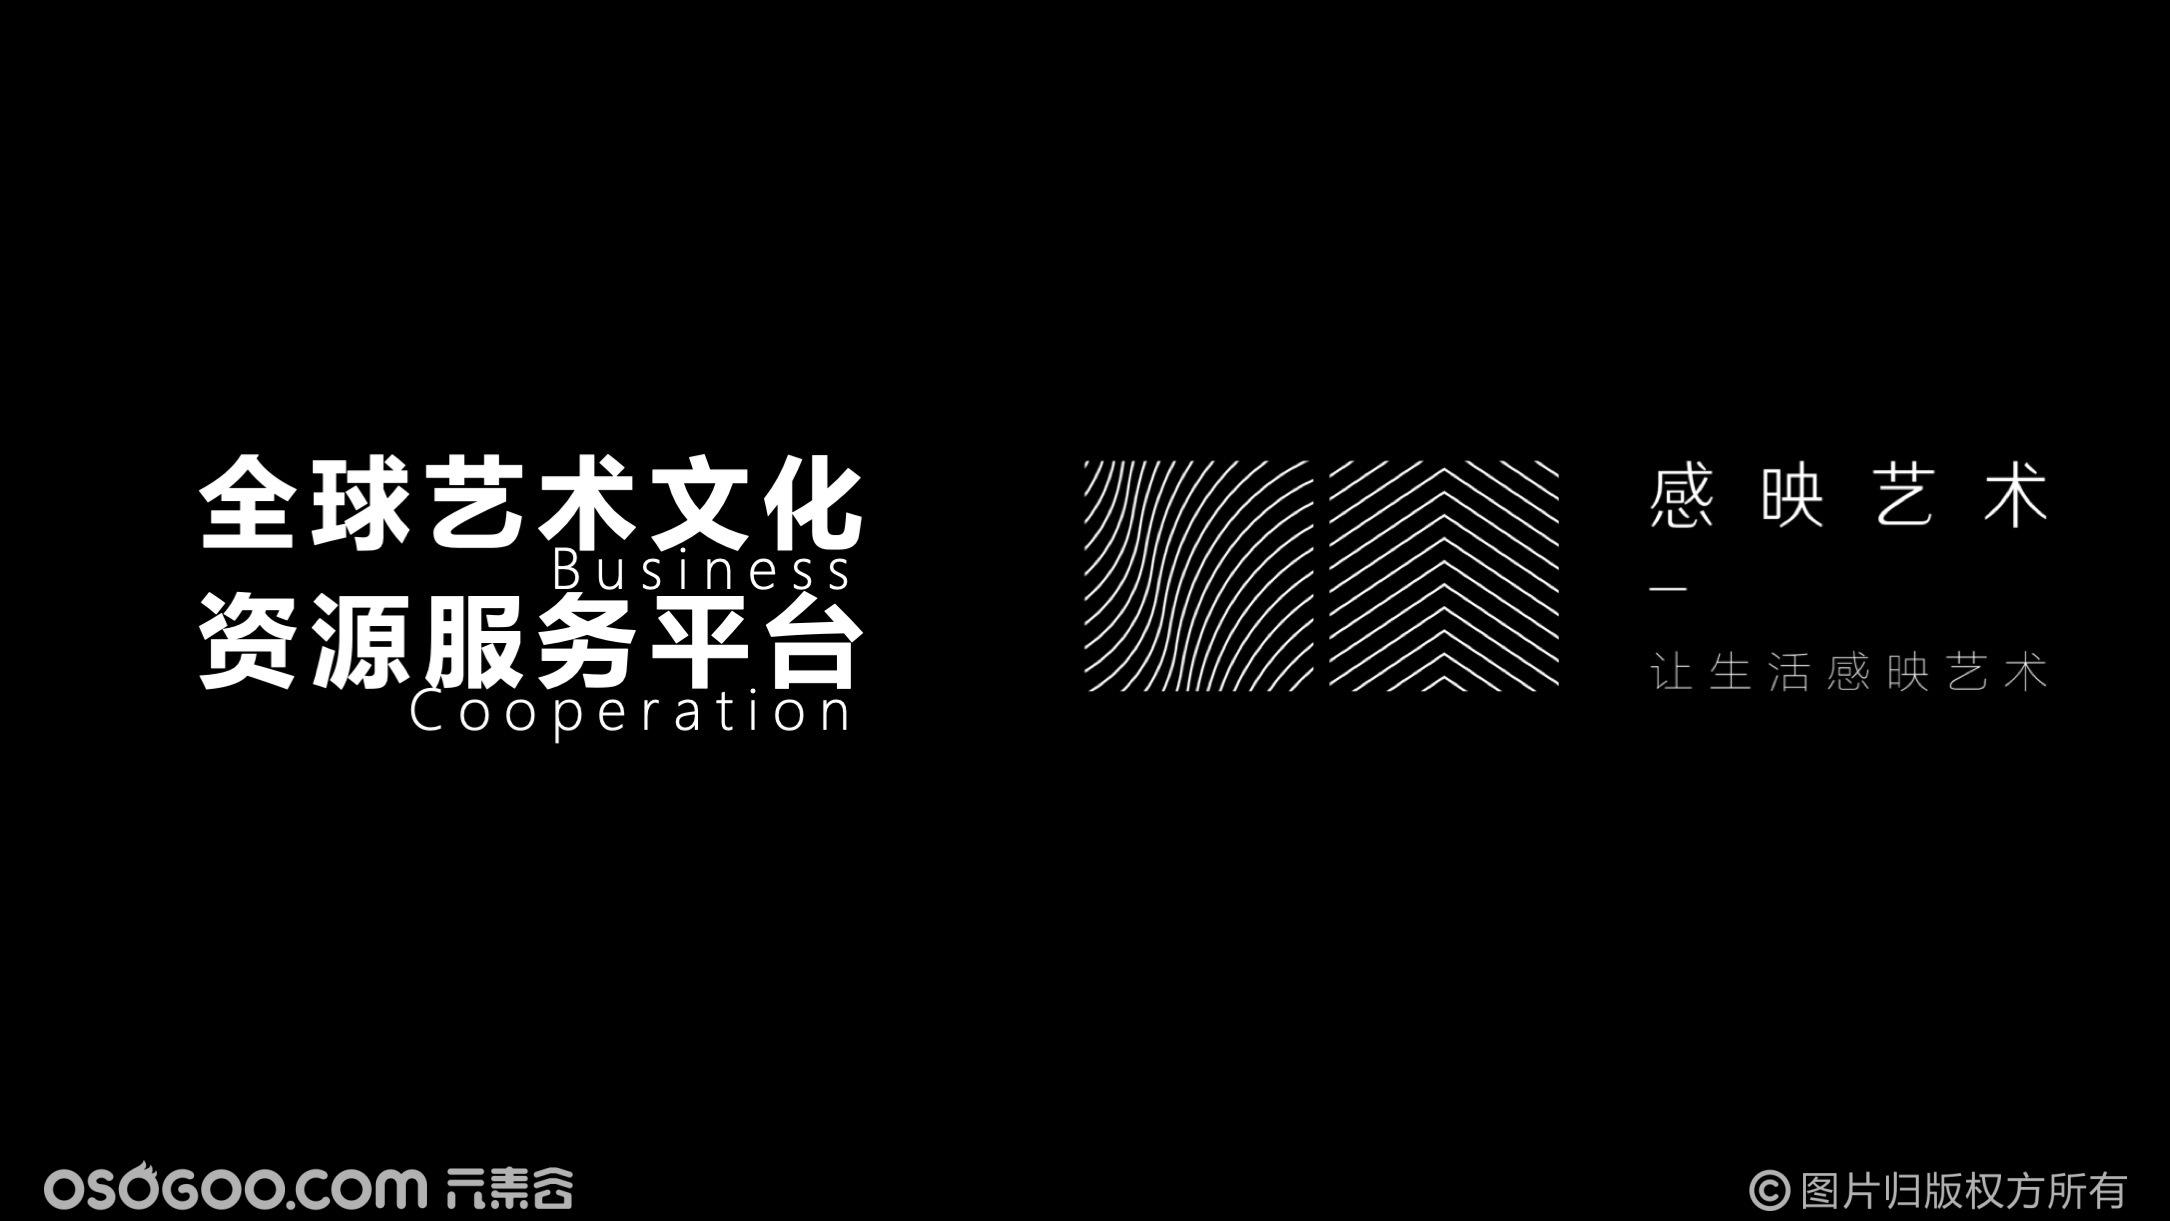 【星梦引力】墨西哥艺术家主题IP装置式体验展-感映艺术